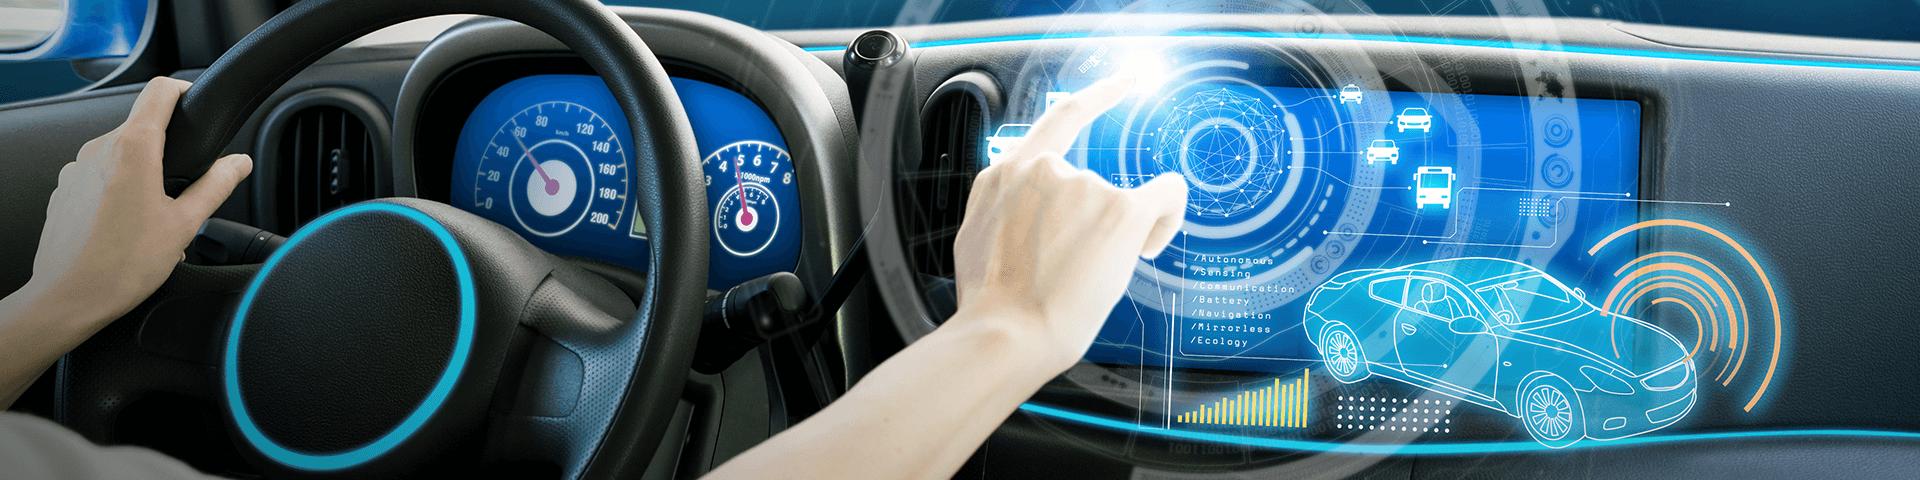 Auto digital Knopfdruck